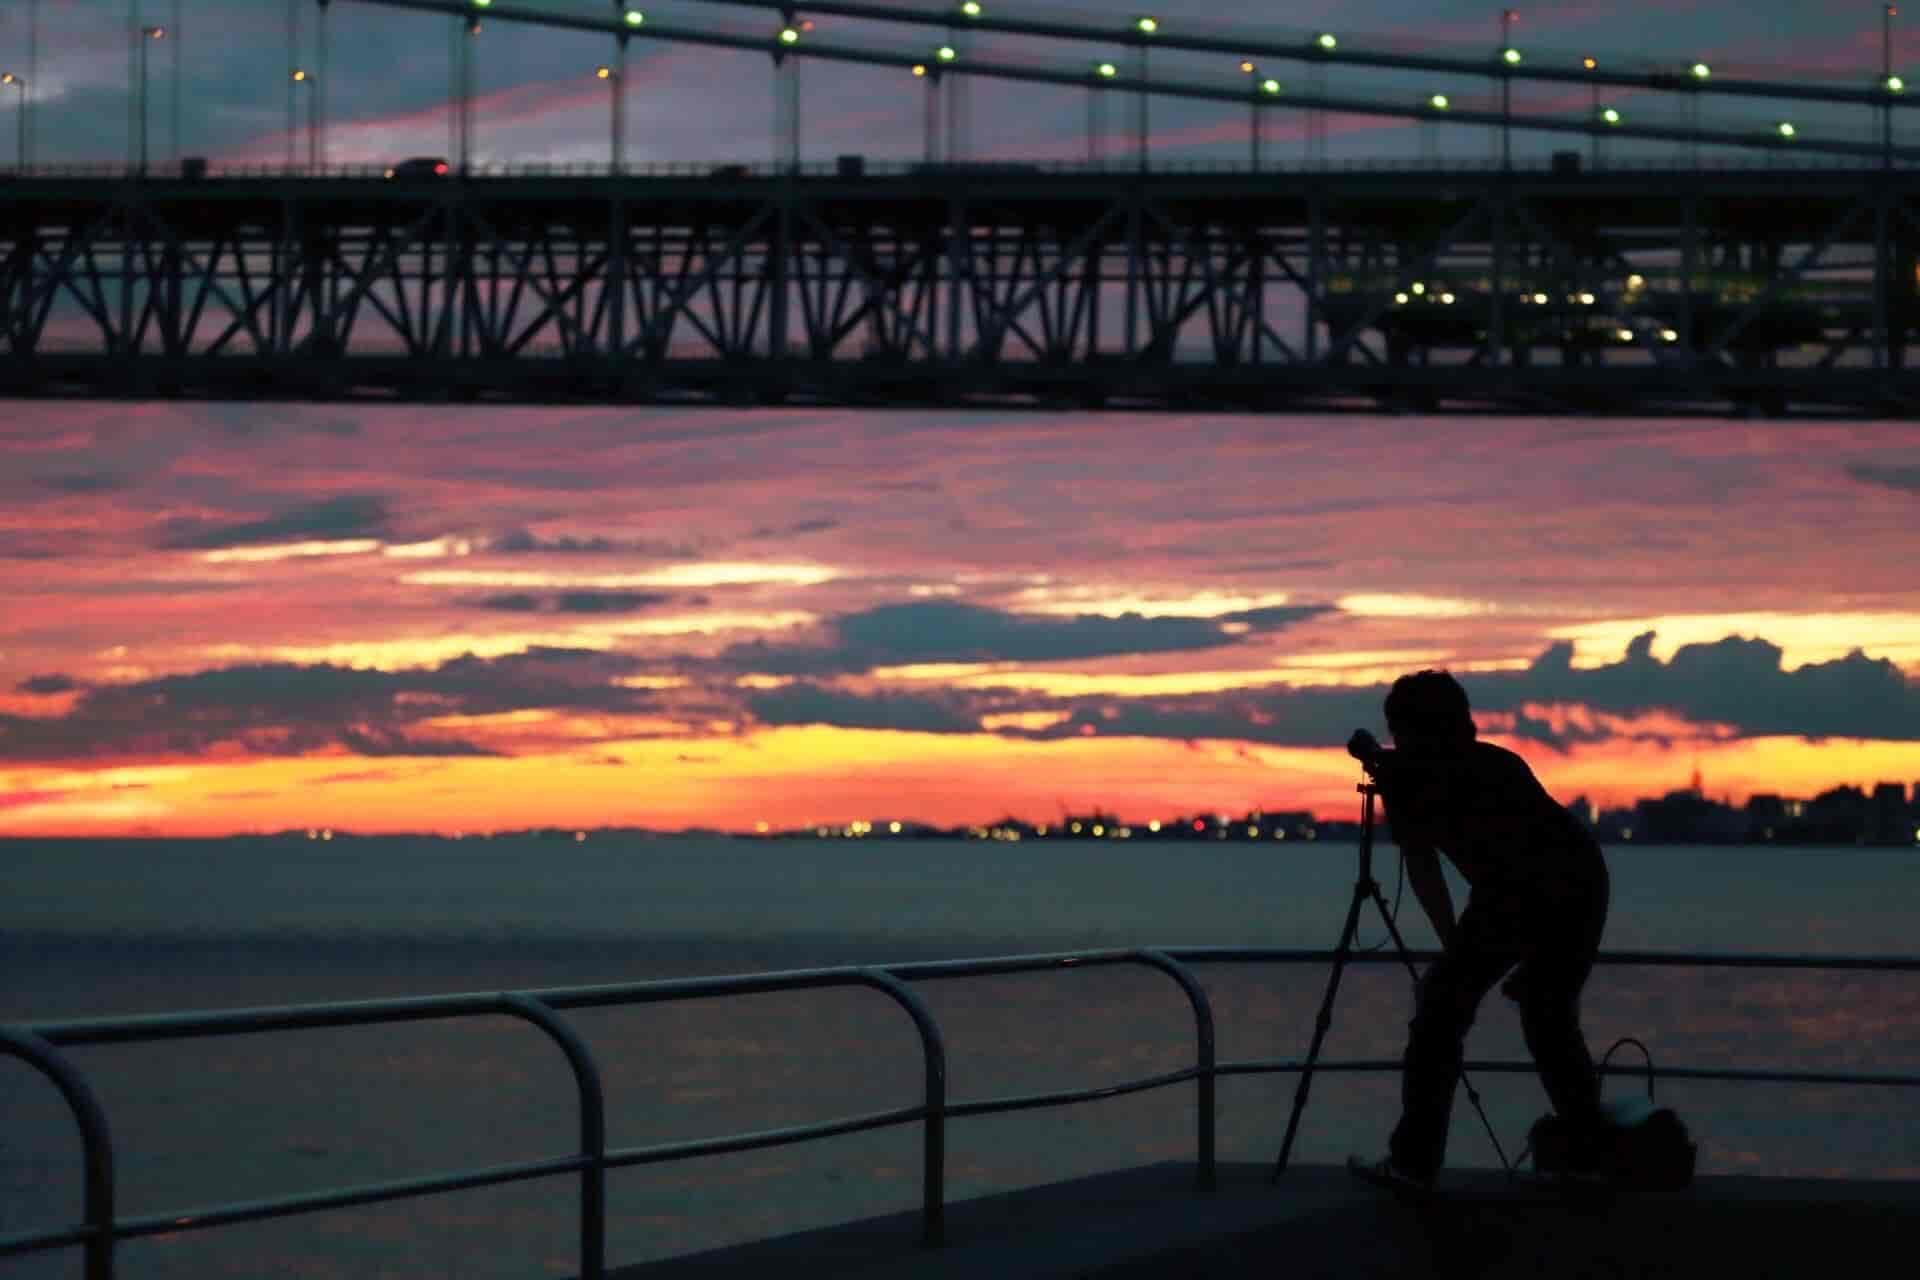 ラブ探偵事務所と他社の千葉県八千代市での夜間暗視撮影